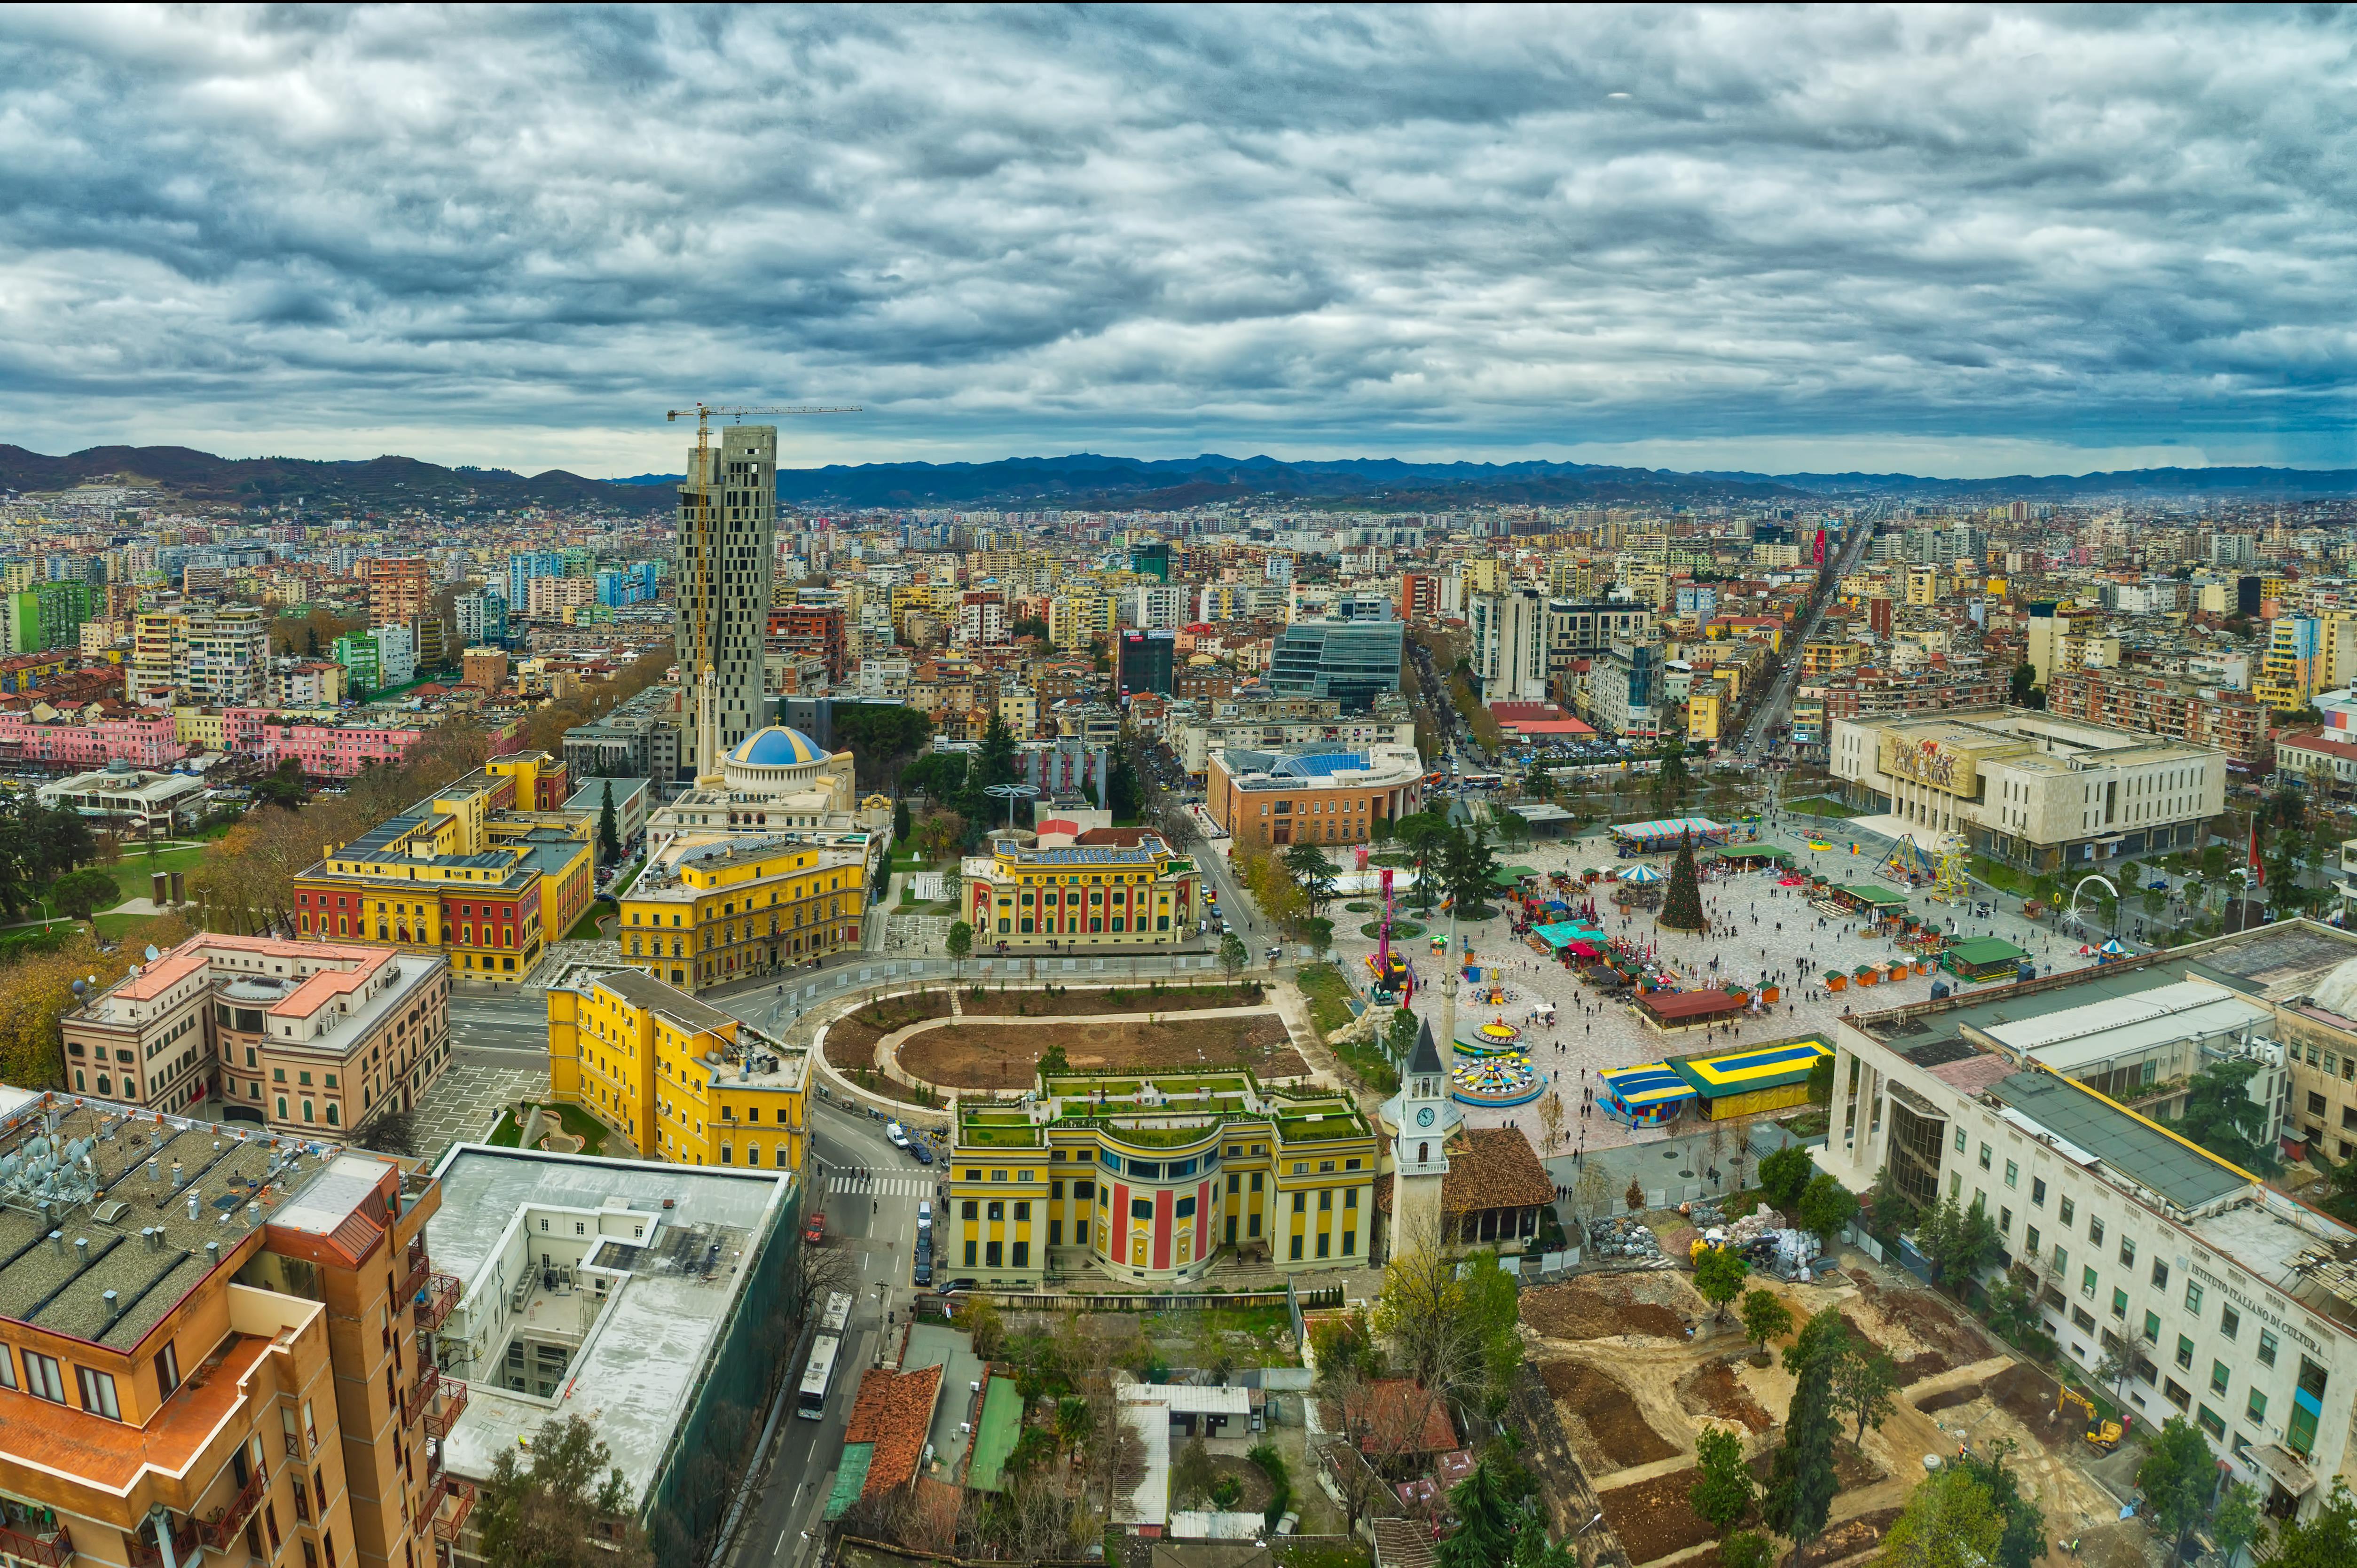 Itt a tíz legolcsóbb és legdrágább európai város egy hétvégi kirándulásra - képek